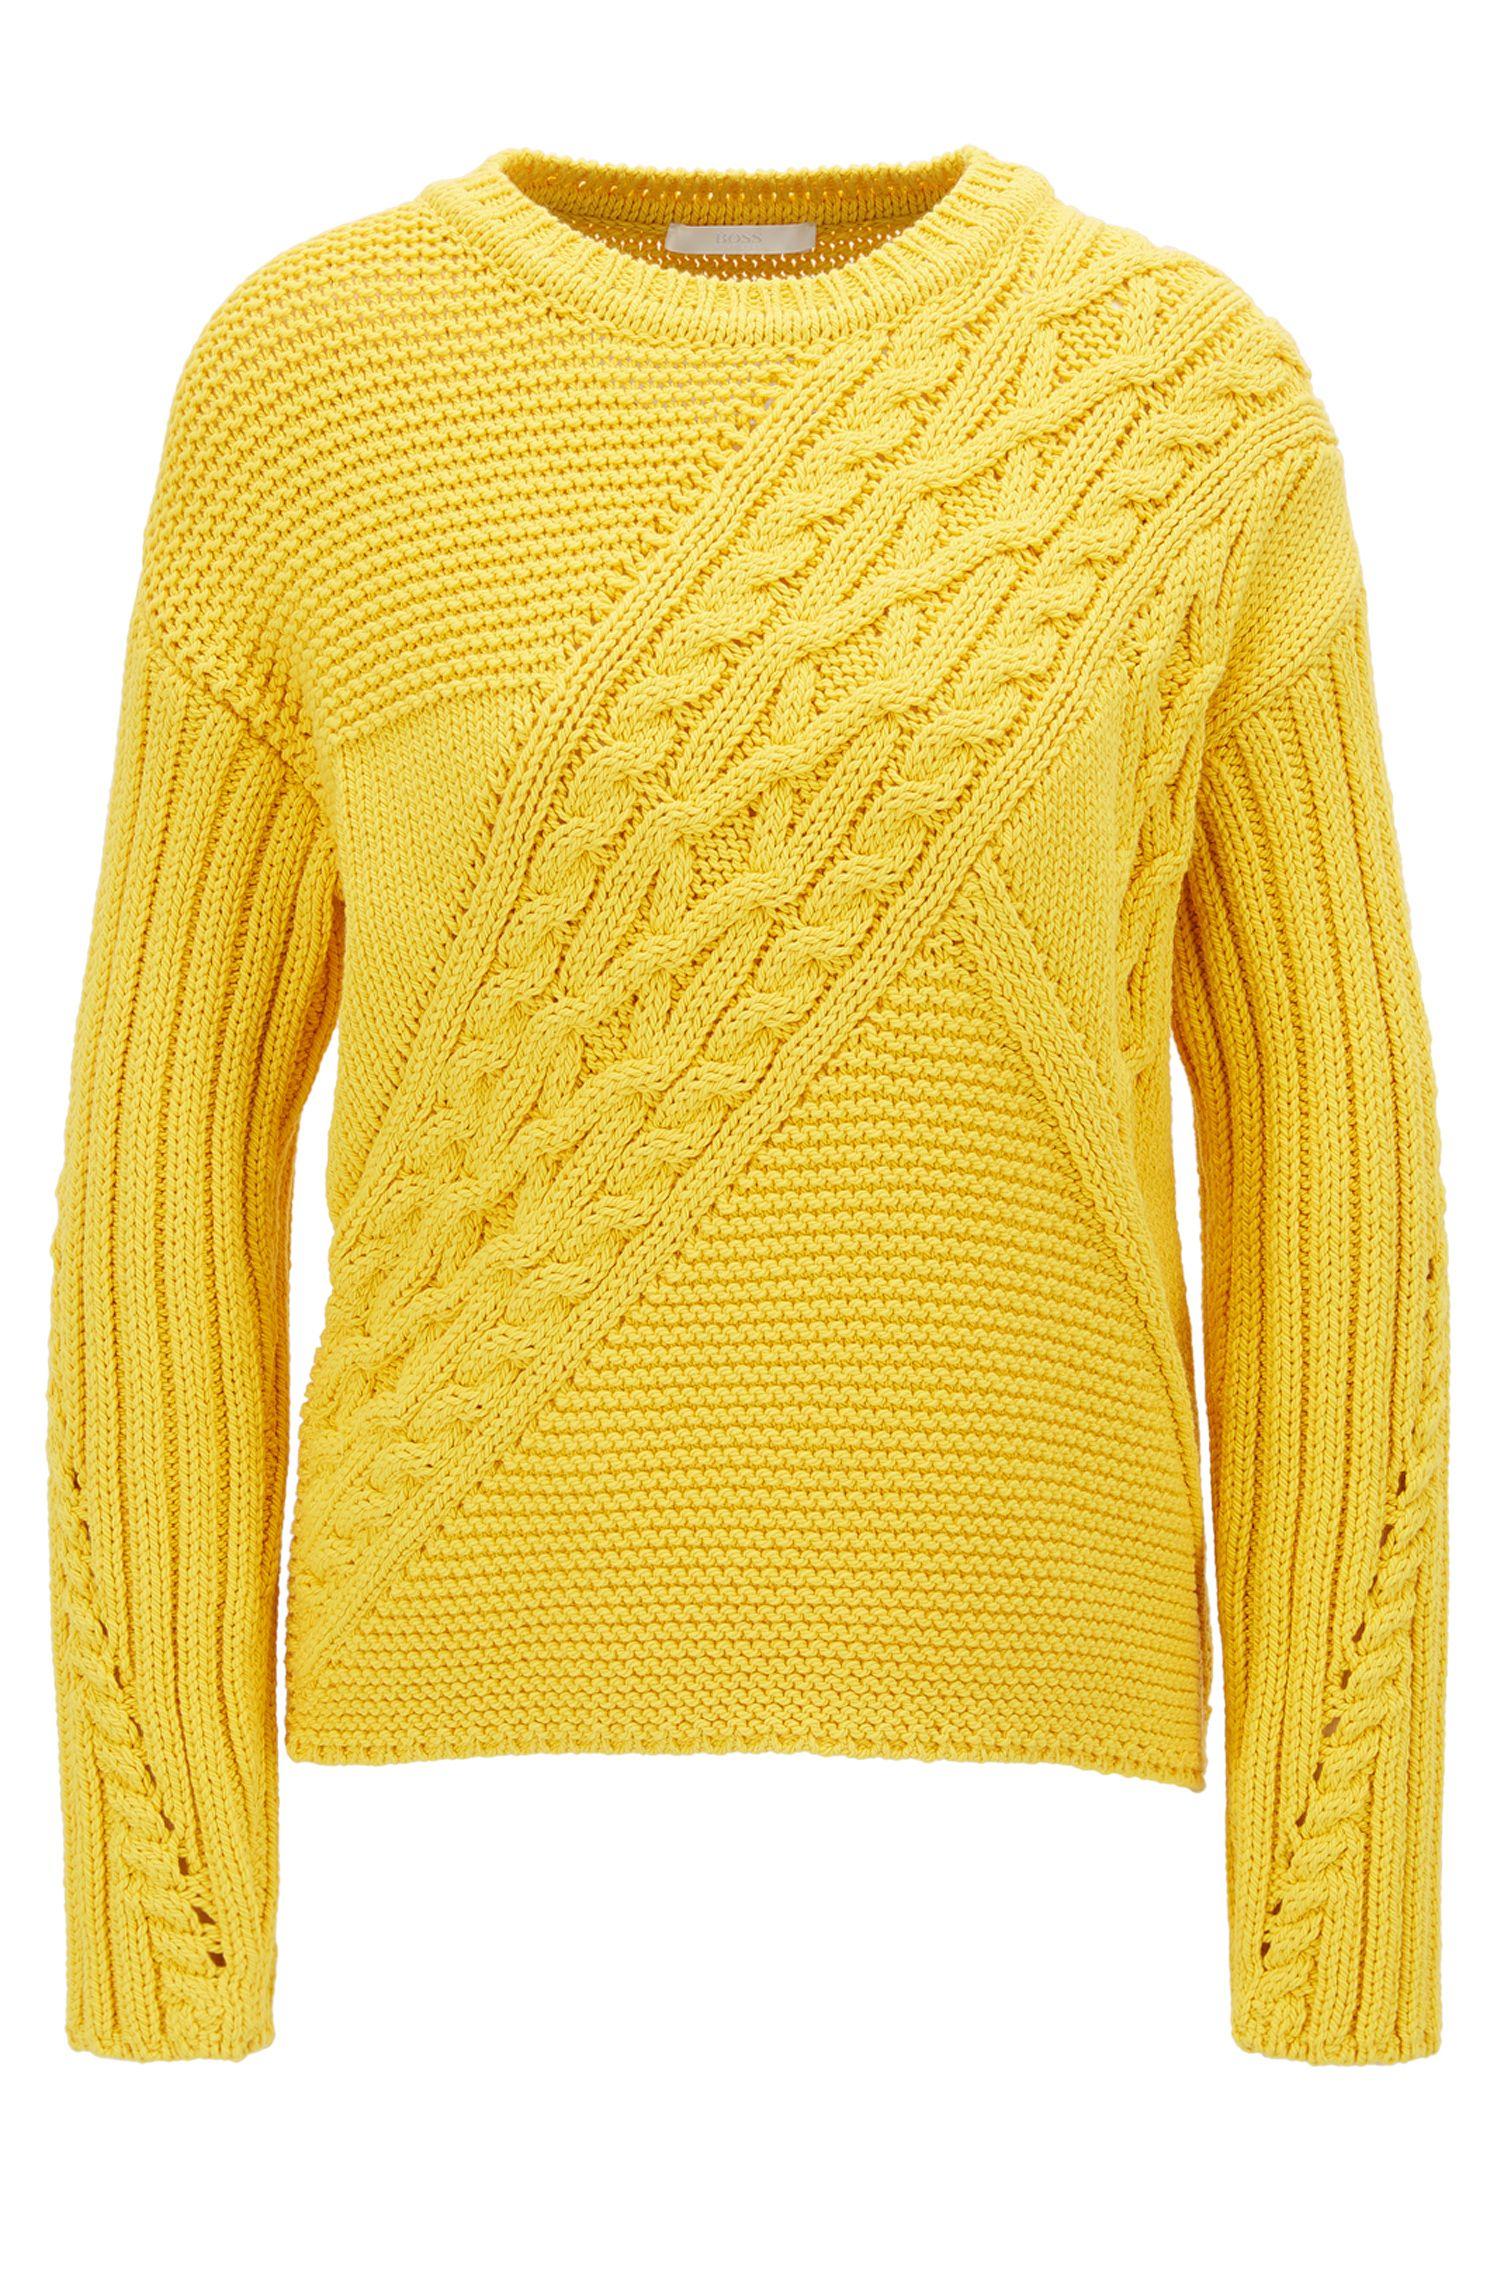 Maglione con lavorazione patchwork in misto cotone